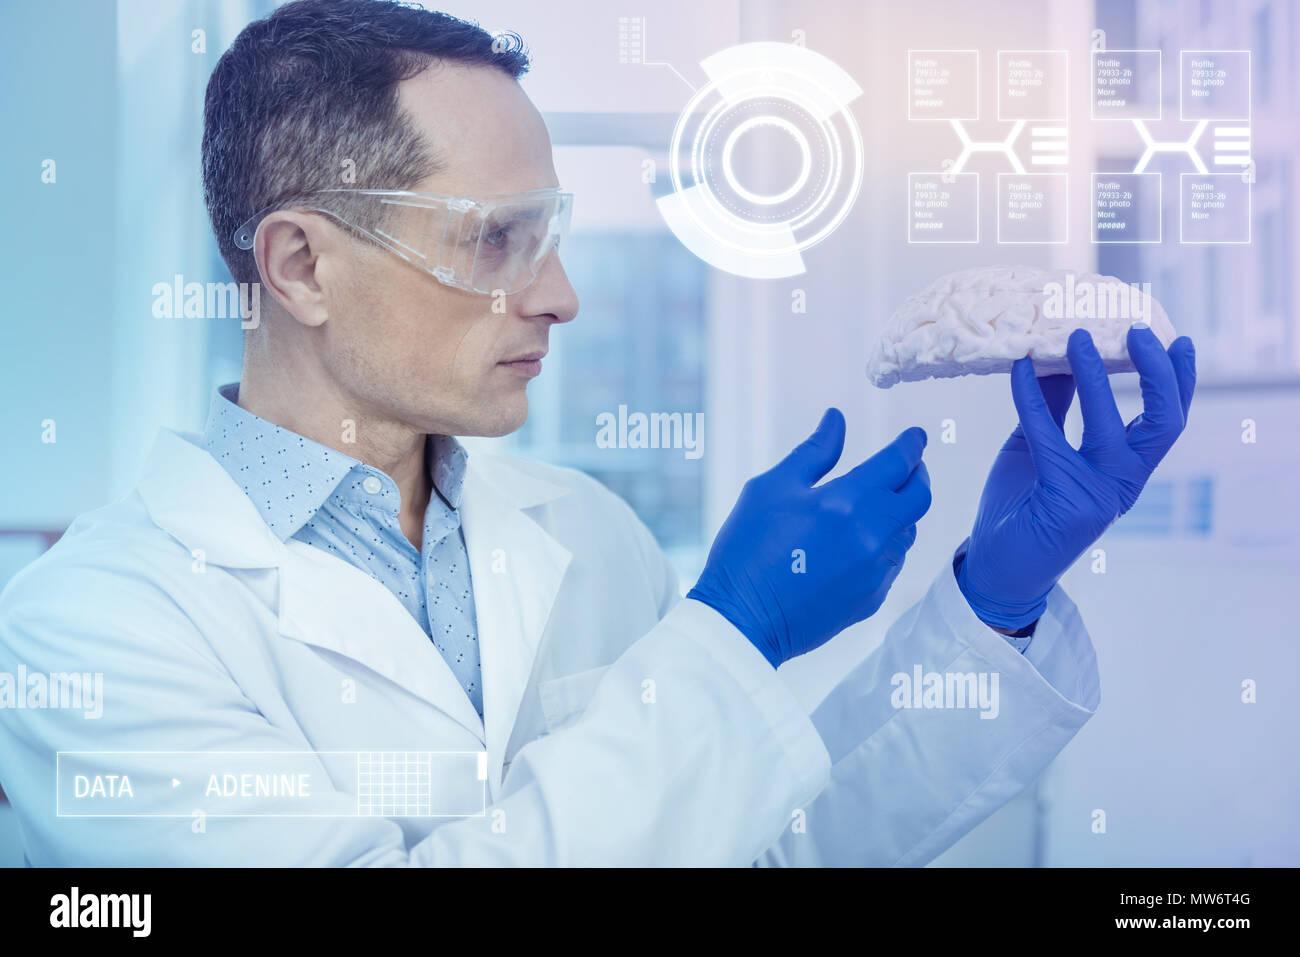 Biologiste sérieux en fronçant les sourcils en regardant le modèle de cerveau humain Photo Stock